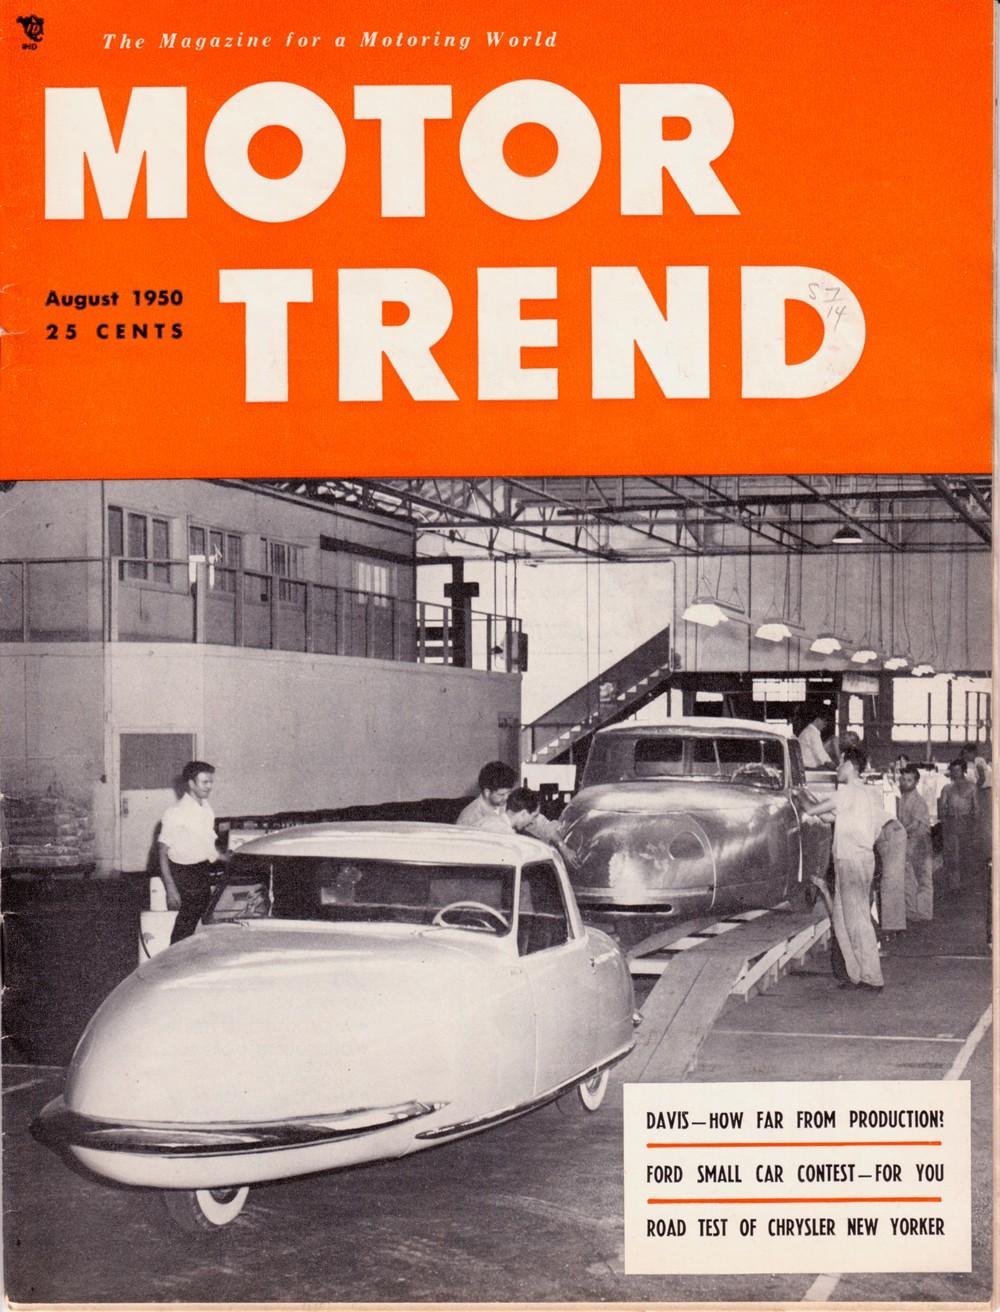 Davis.Motor Trend cover.jpg